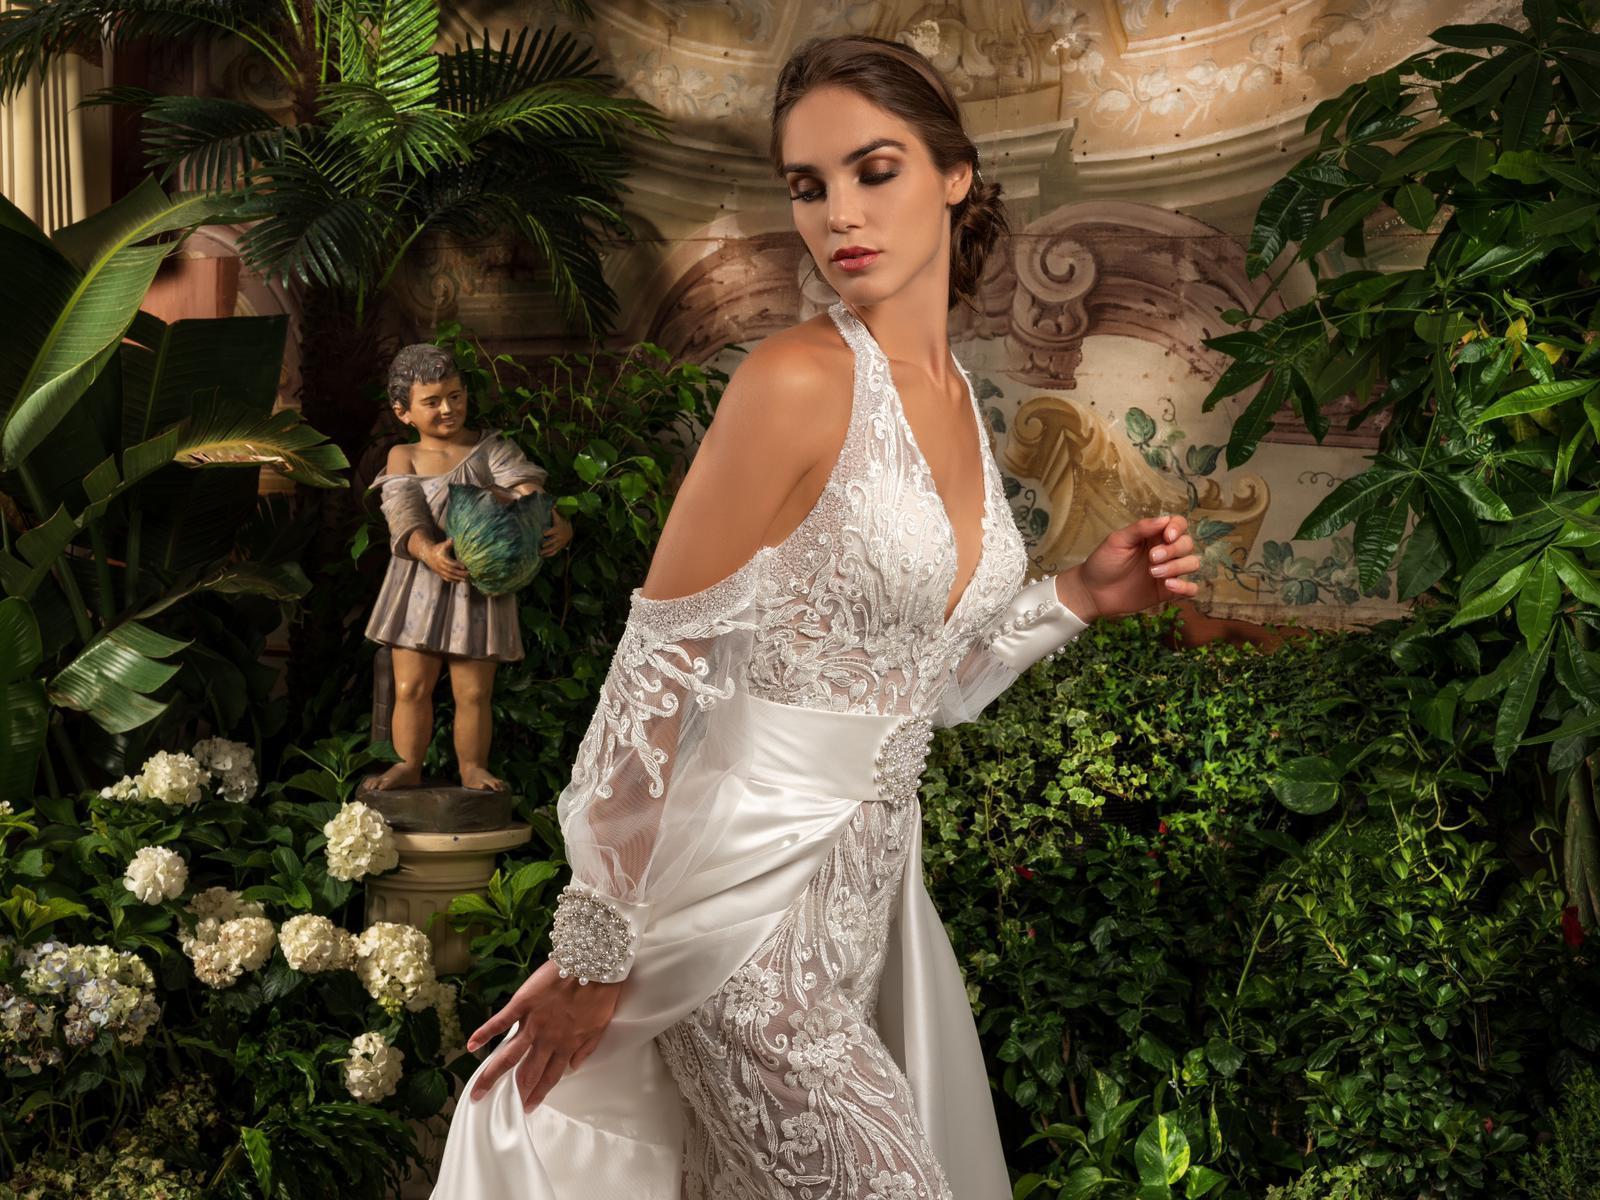 consegna veloce vendita outlet offerte esclusive Al Salone Margherita per la prima volta anche abiti eleganti prêt ...